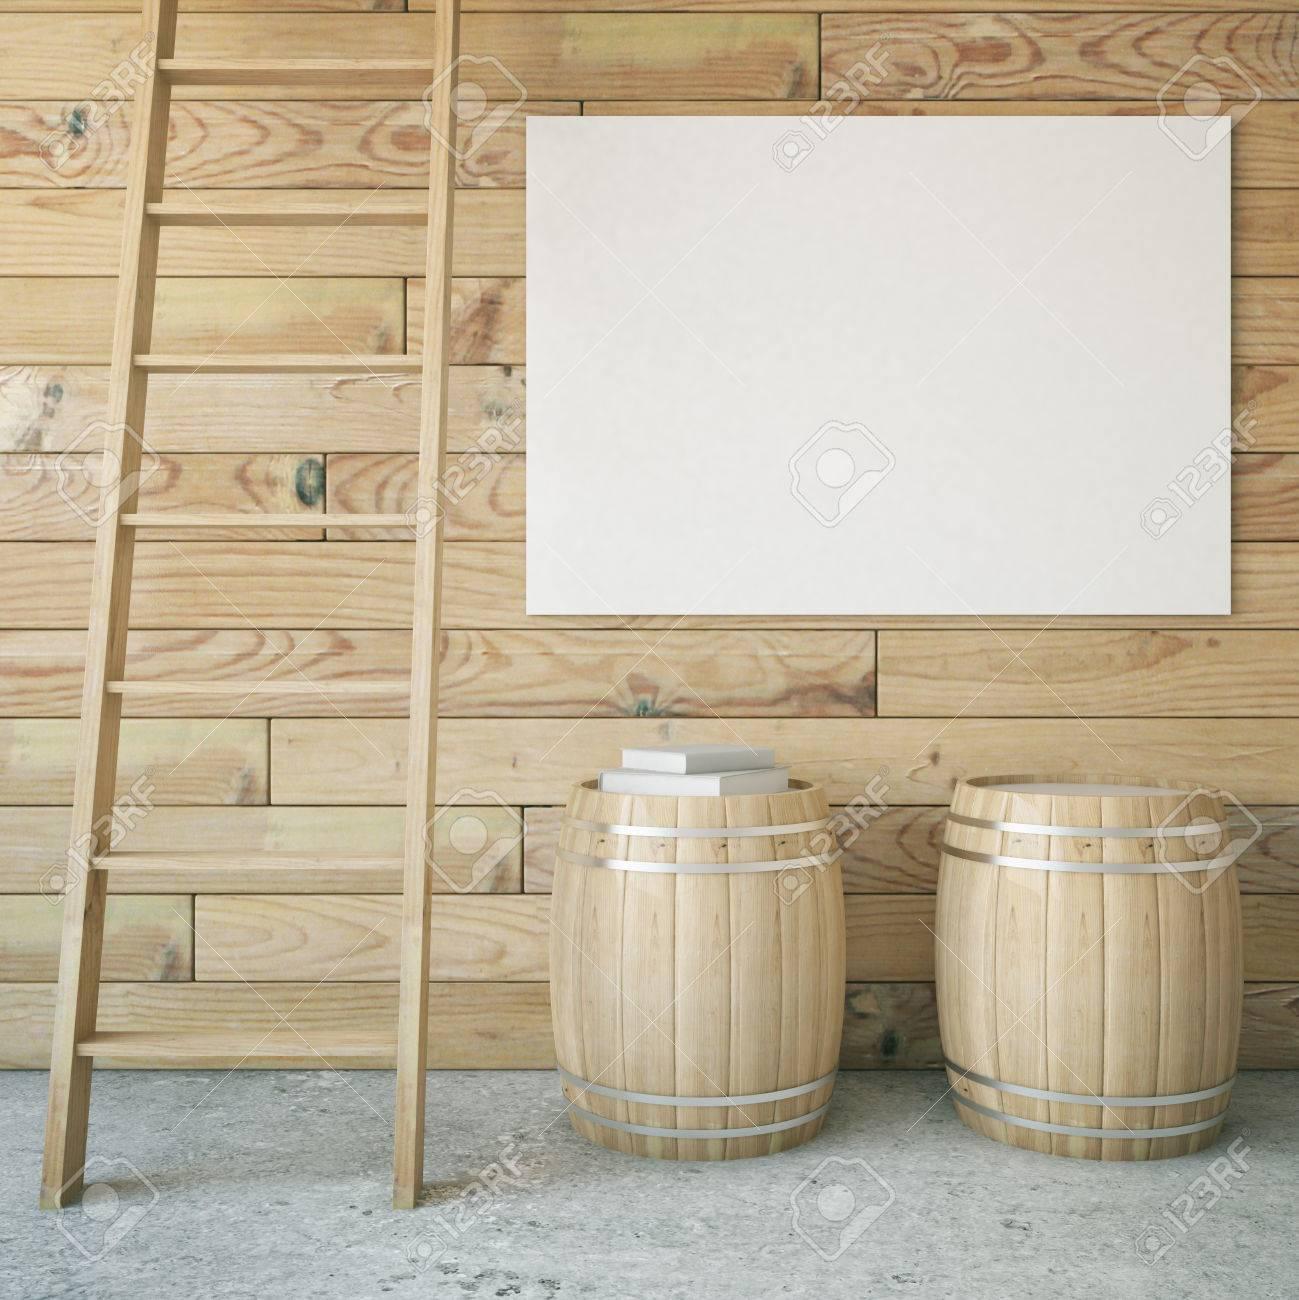 Holz Interieur Mit Leiter Zwei Fässer Und Leere Plakatwand Mock Up